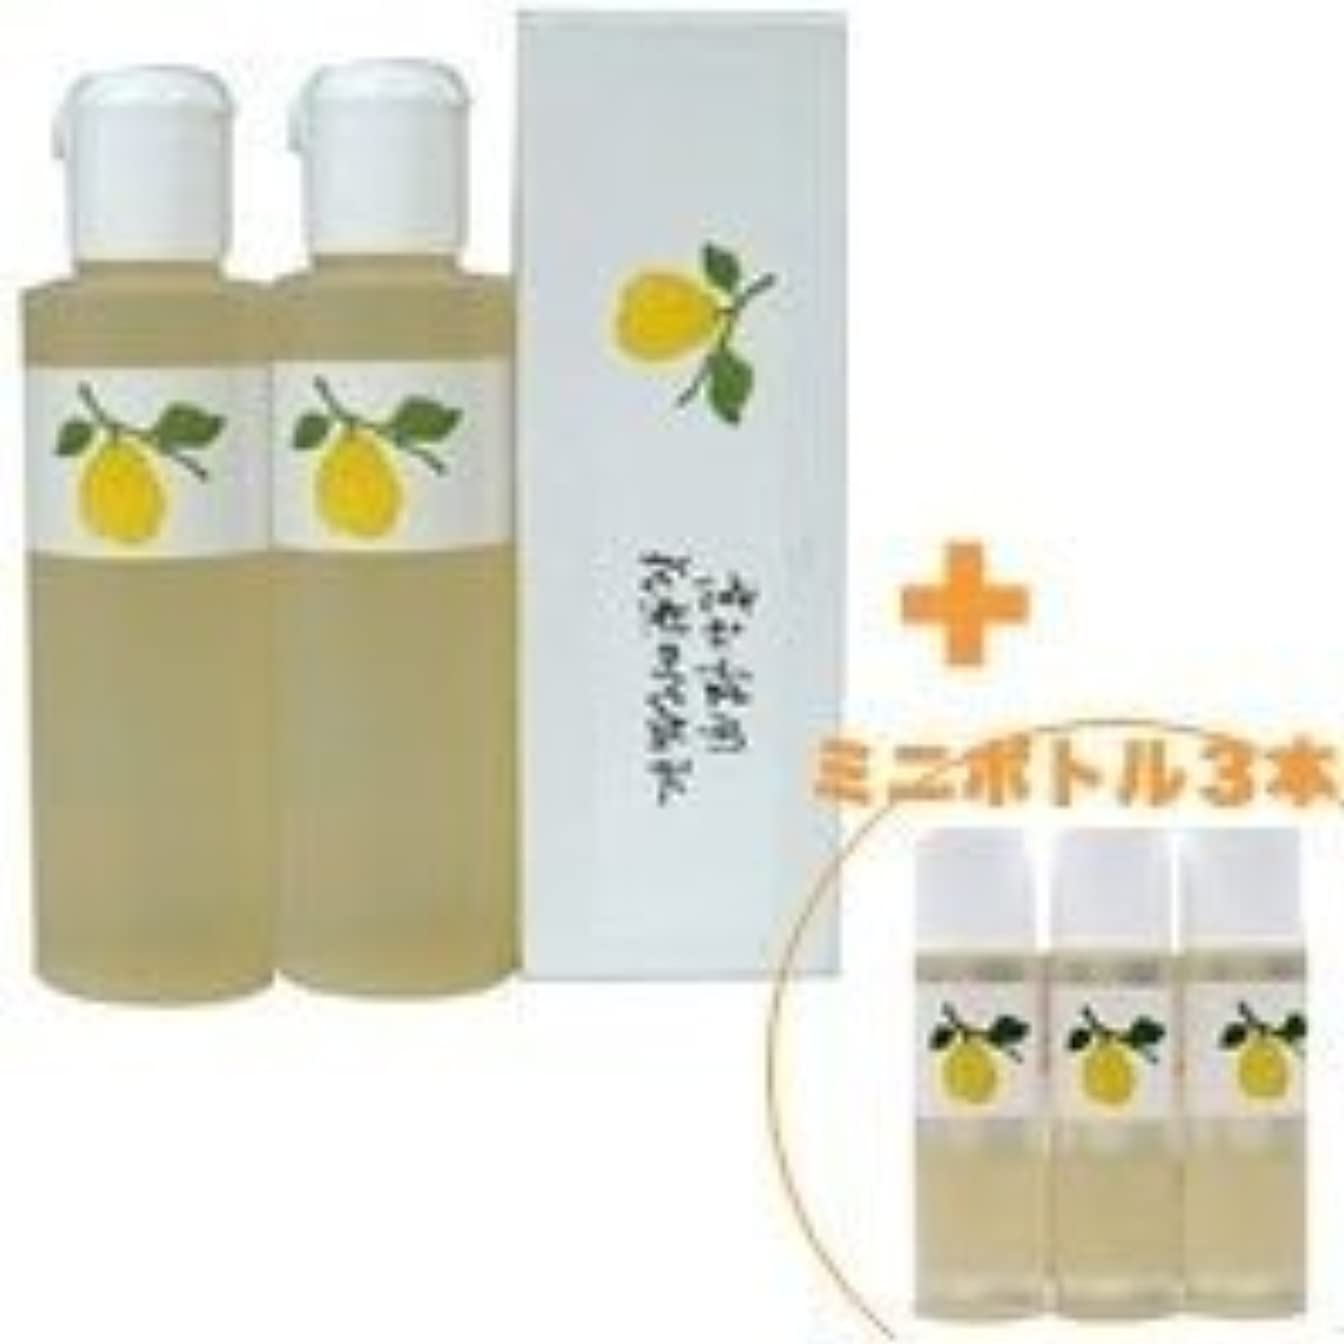 ストレスの多いキリマンジャロ修理工花梨の化粧水 200ml 2本&ミニボトル 3本 美容液 栄養クリームのいらないお肌へ 保湿と乾燥対策に